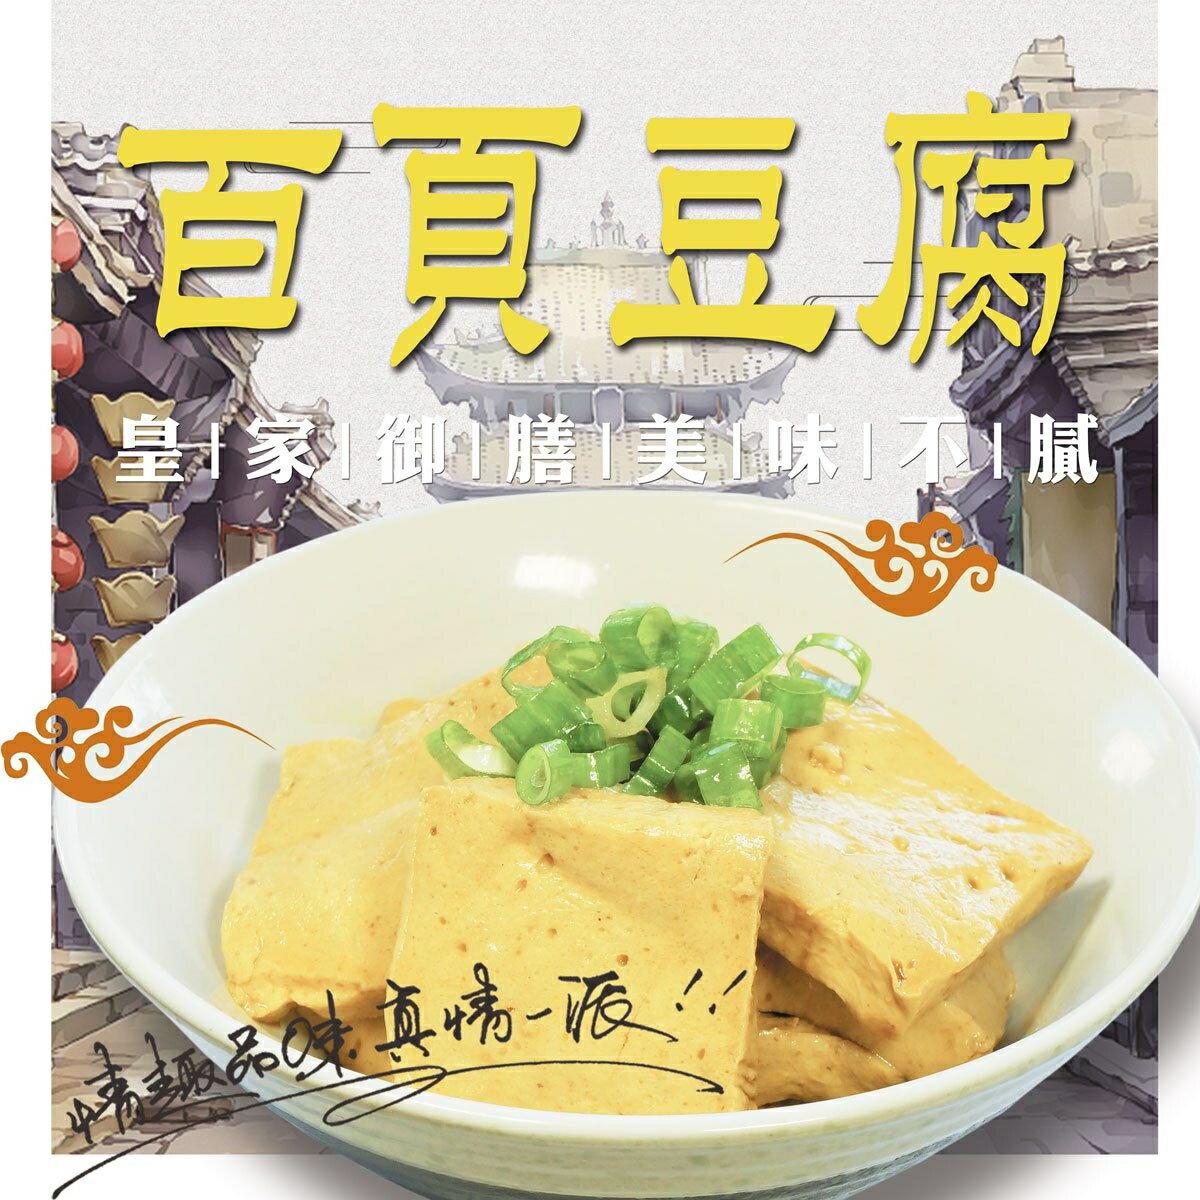 【秘製滷味】滷百頁豆腐300G(五種滷汁任選)